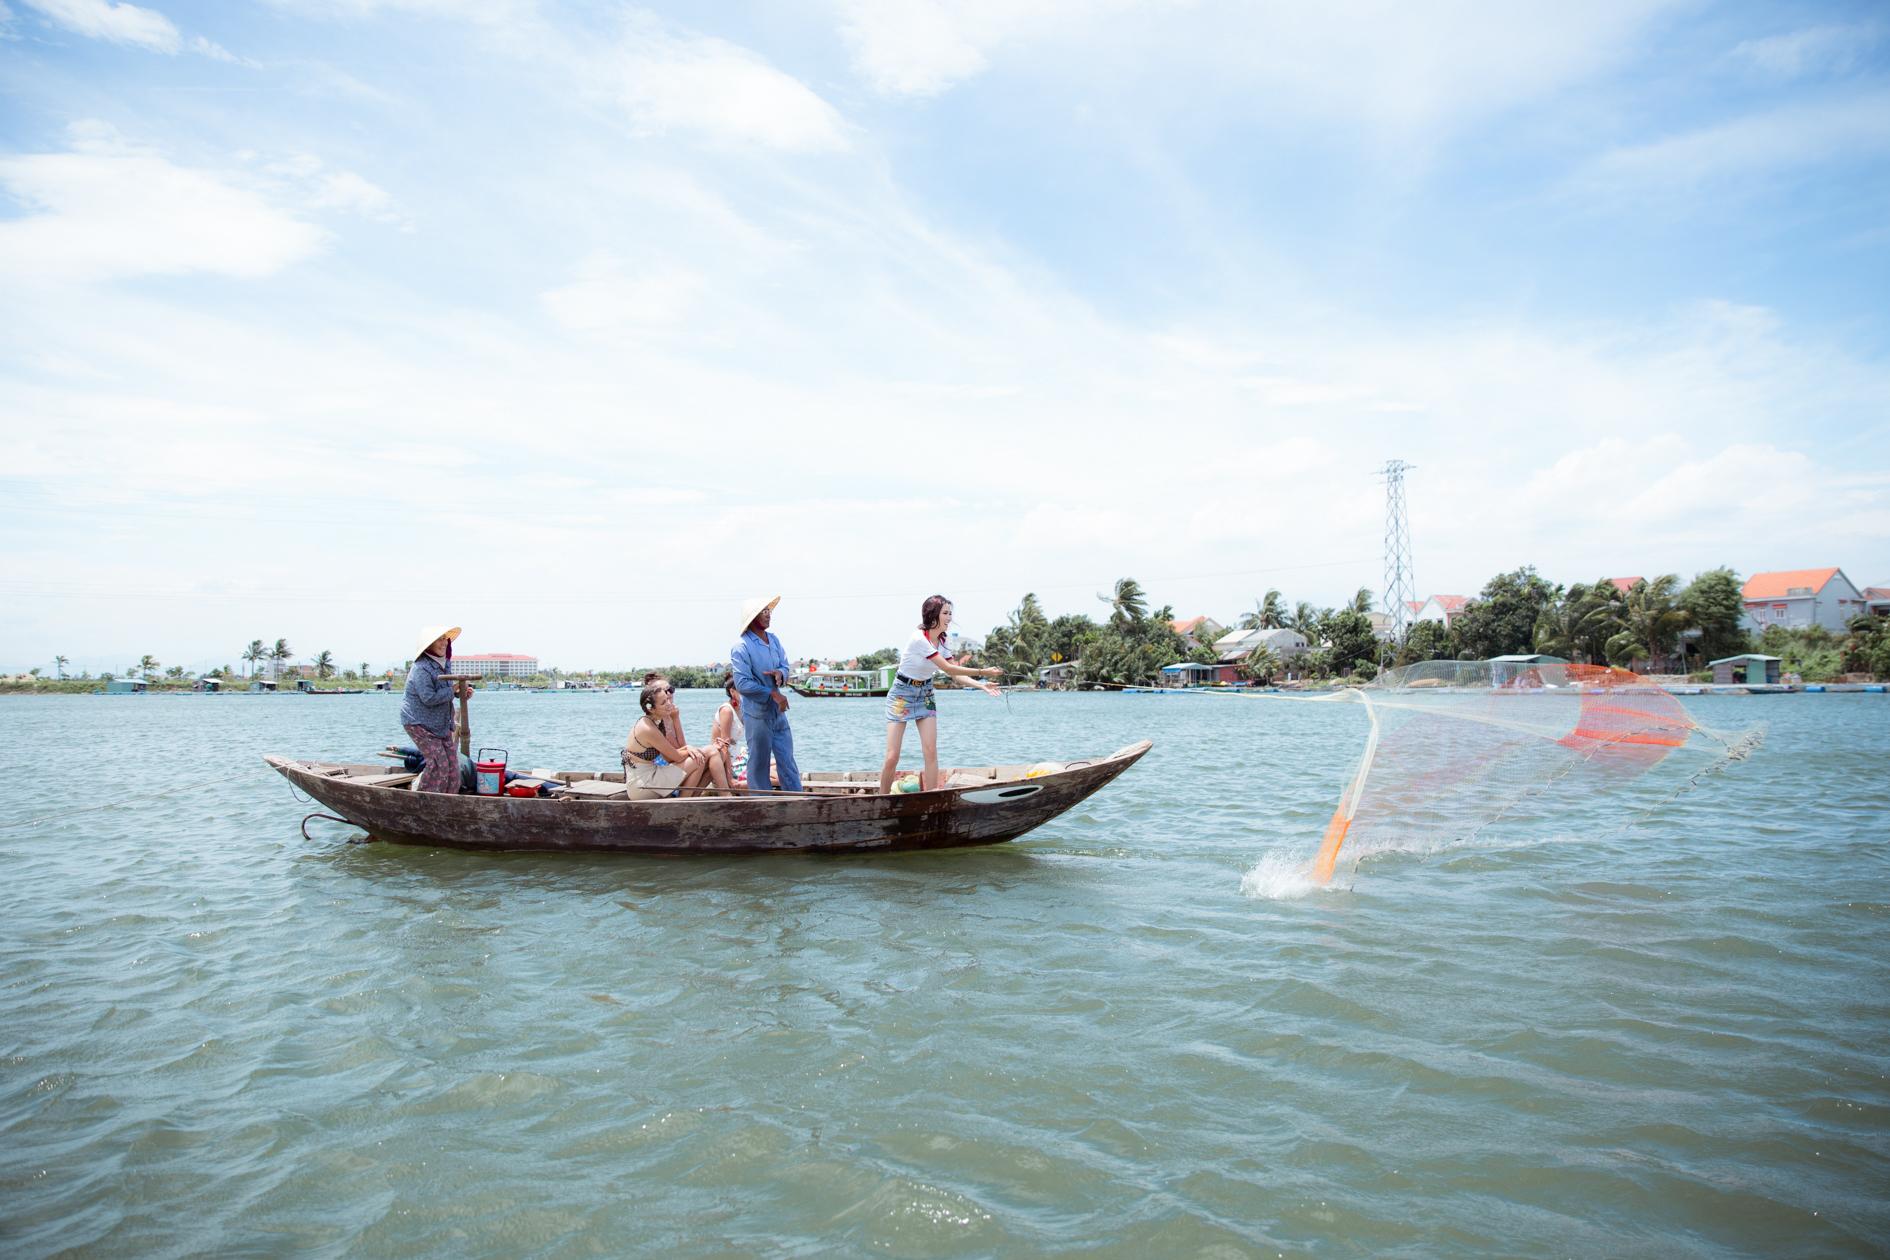 Hoa hậu Phan Thị Mơ cùng các người đẹp chèo thuyền thúng, quăng chài, thả lưới với người dân 4